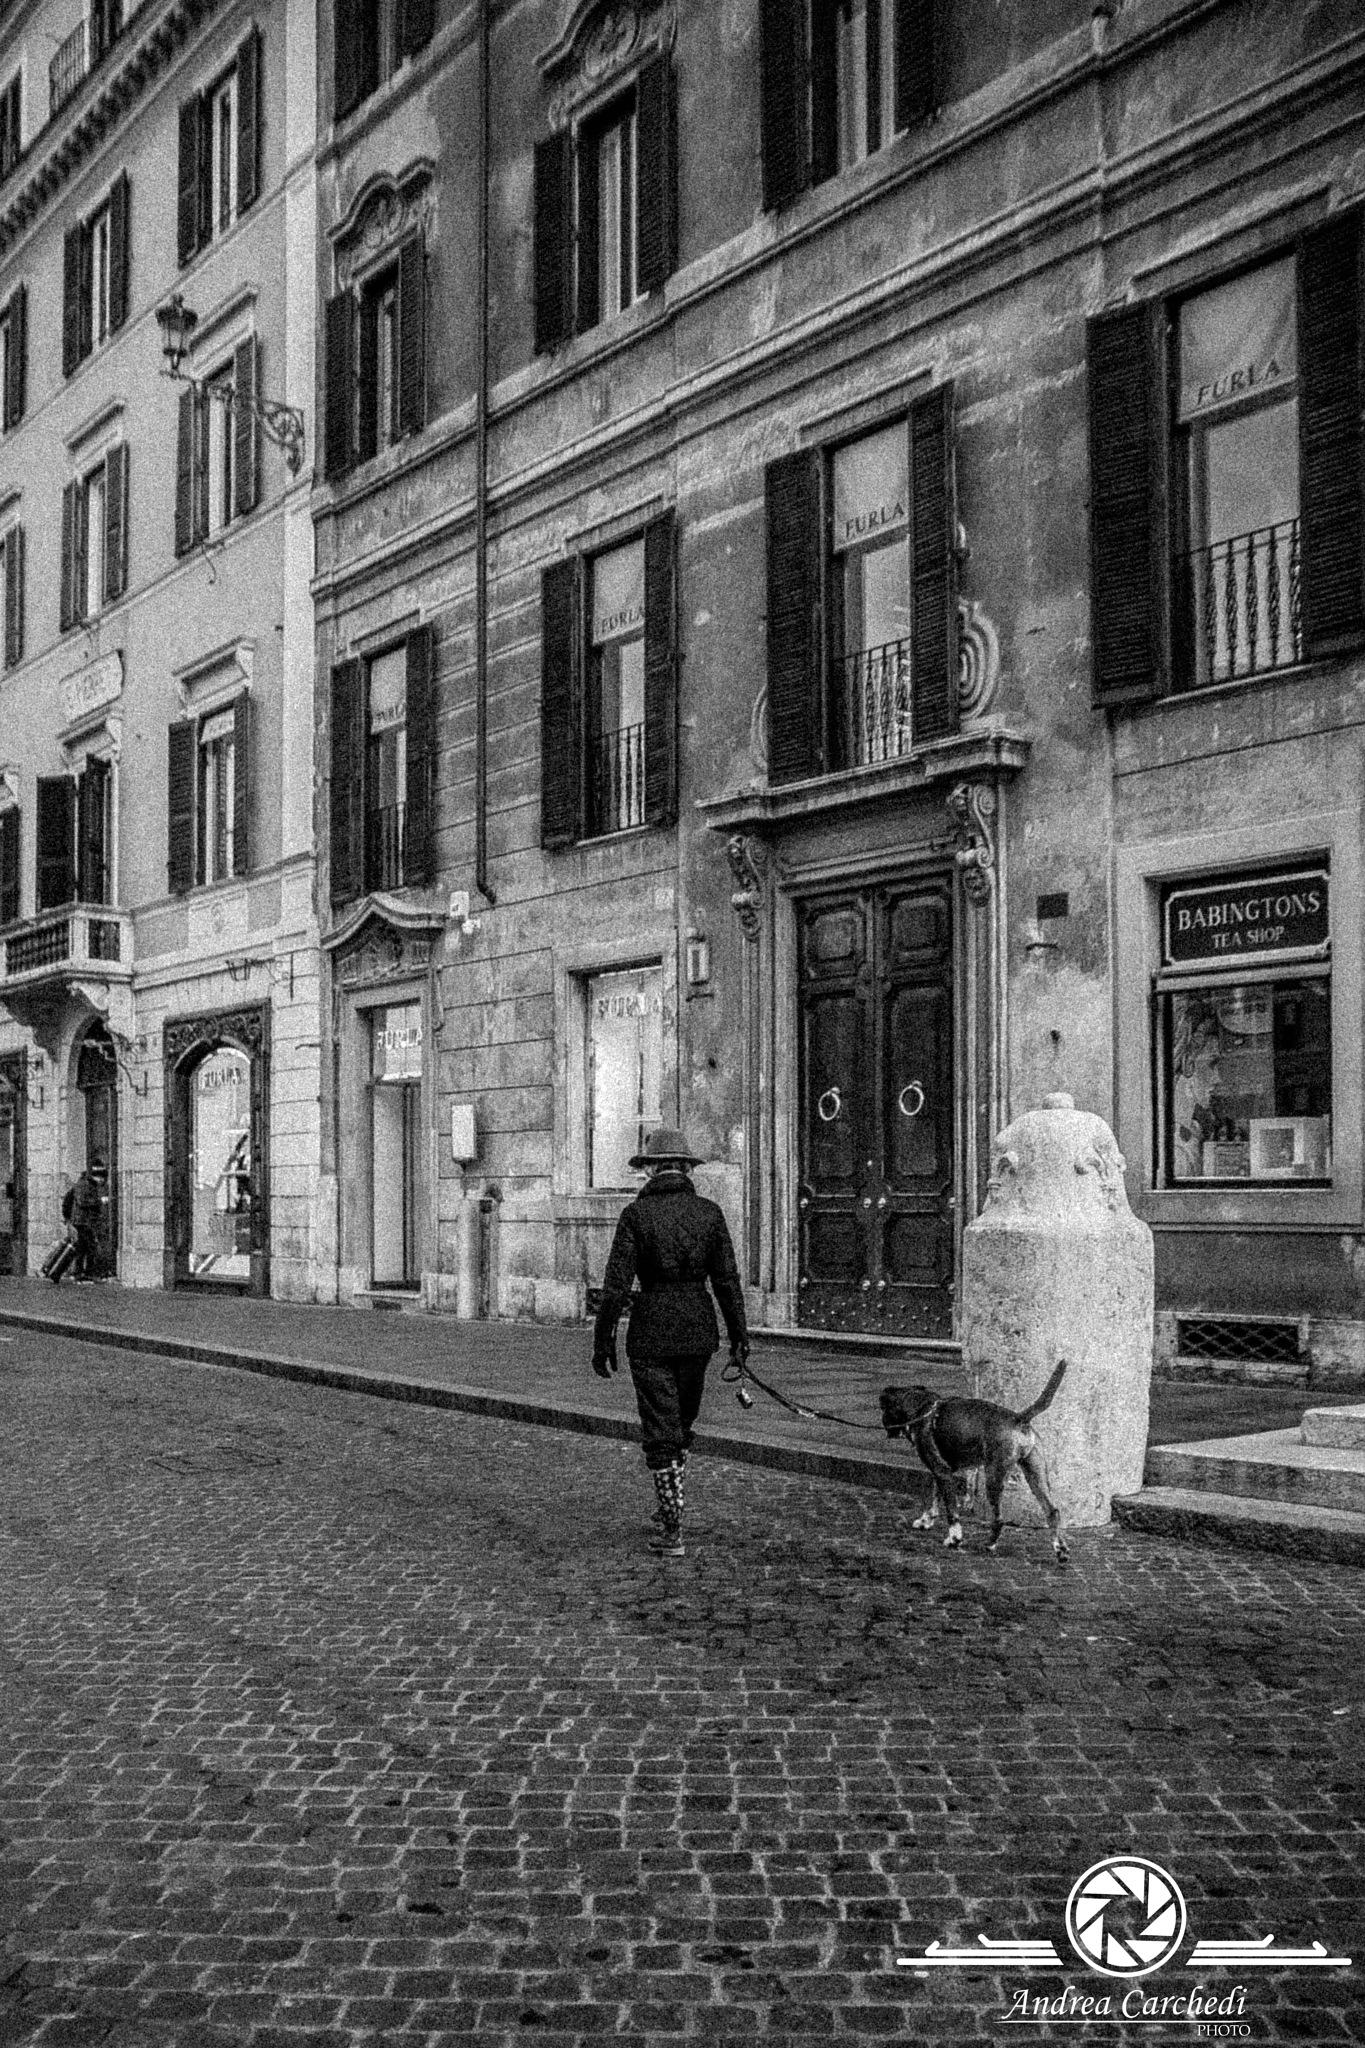 Passeggiata per le Strade di Roma by Andrea Carchedi